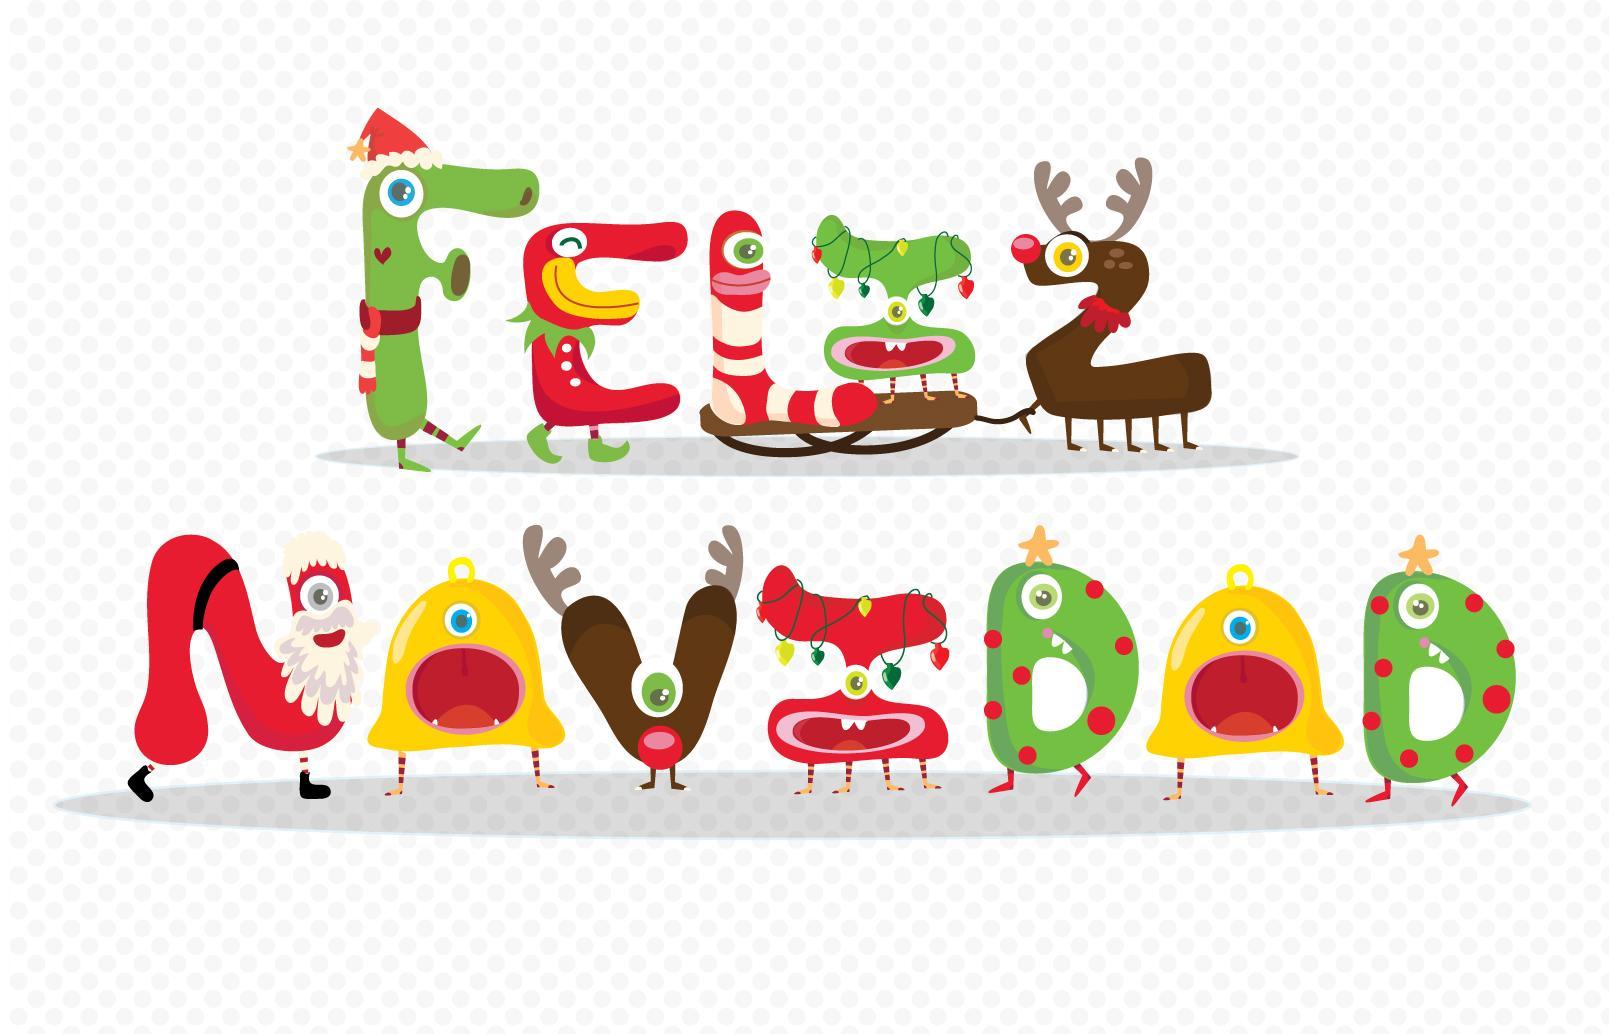 Feliz navidad paperblog - Regalos originales para navidad 2014 ...